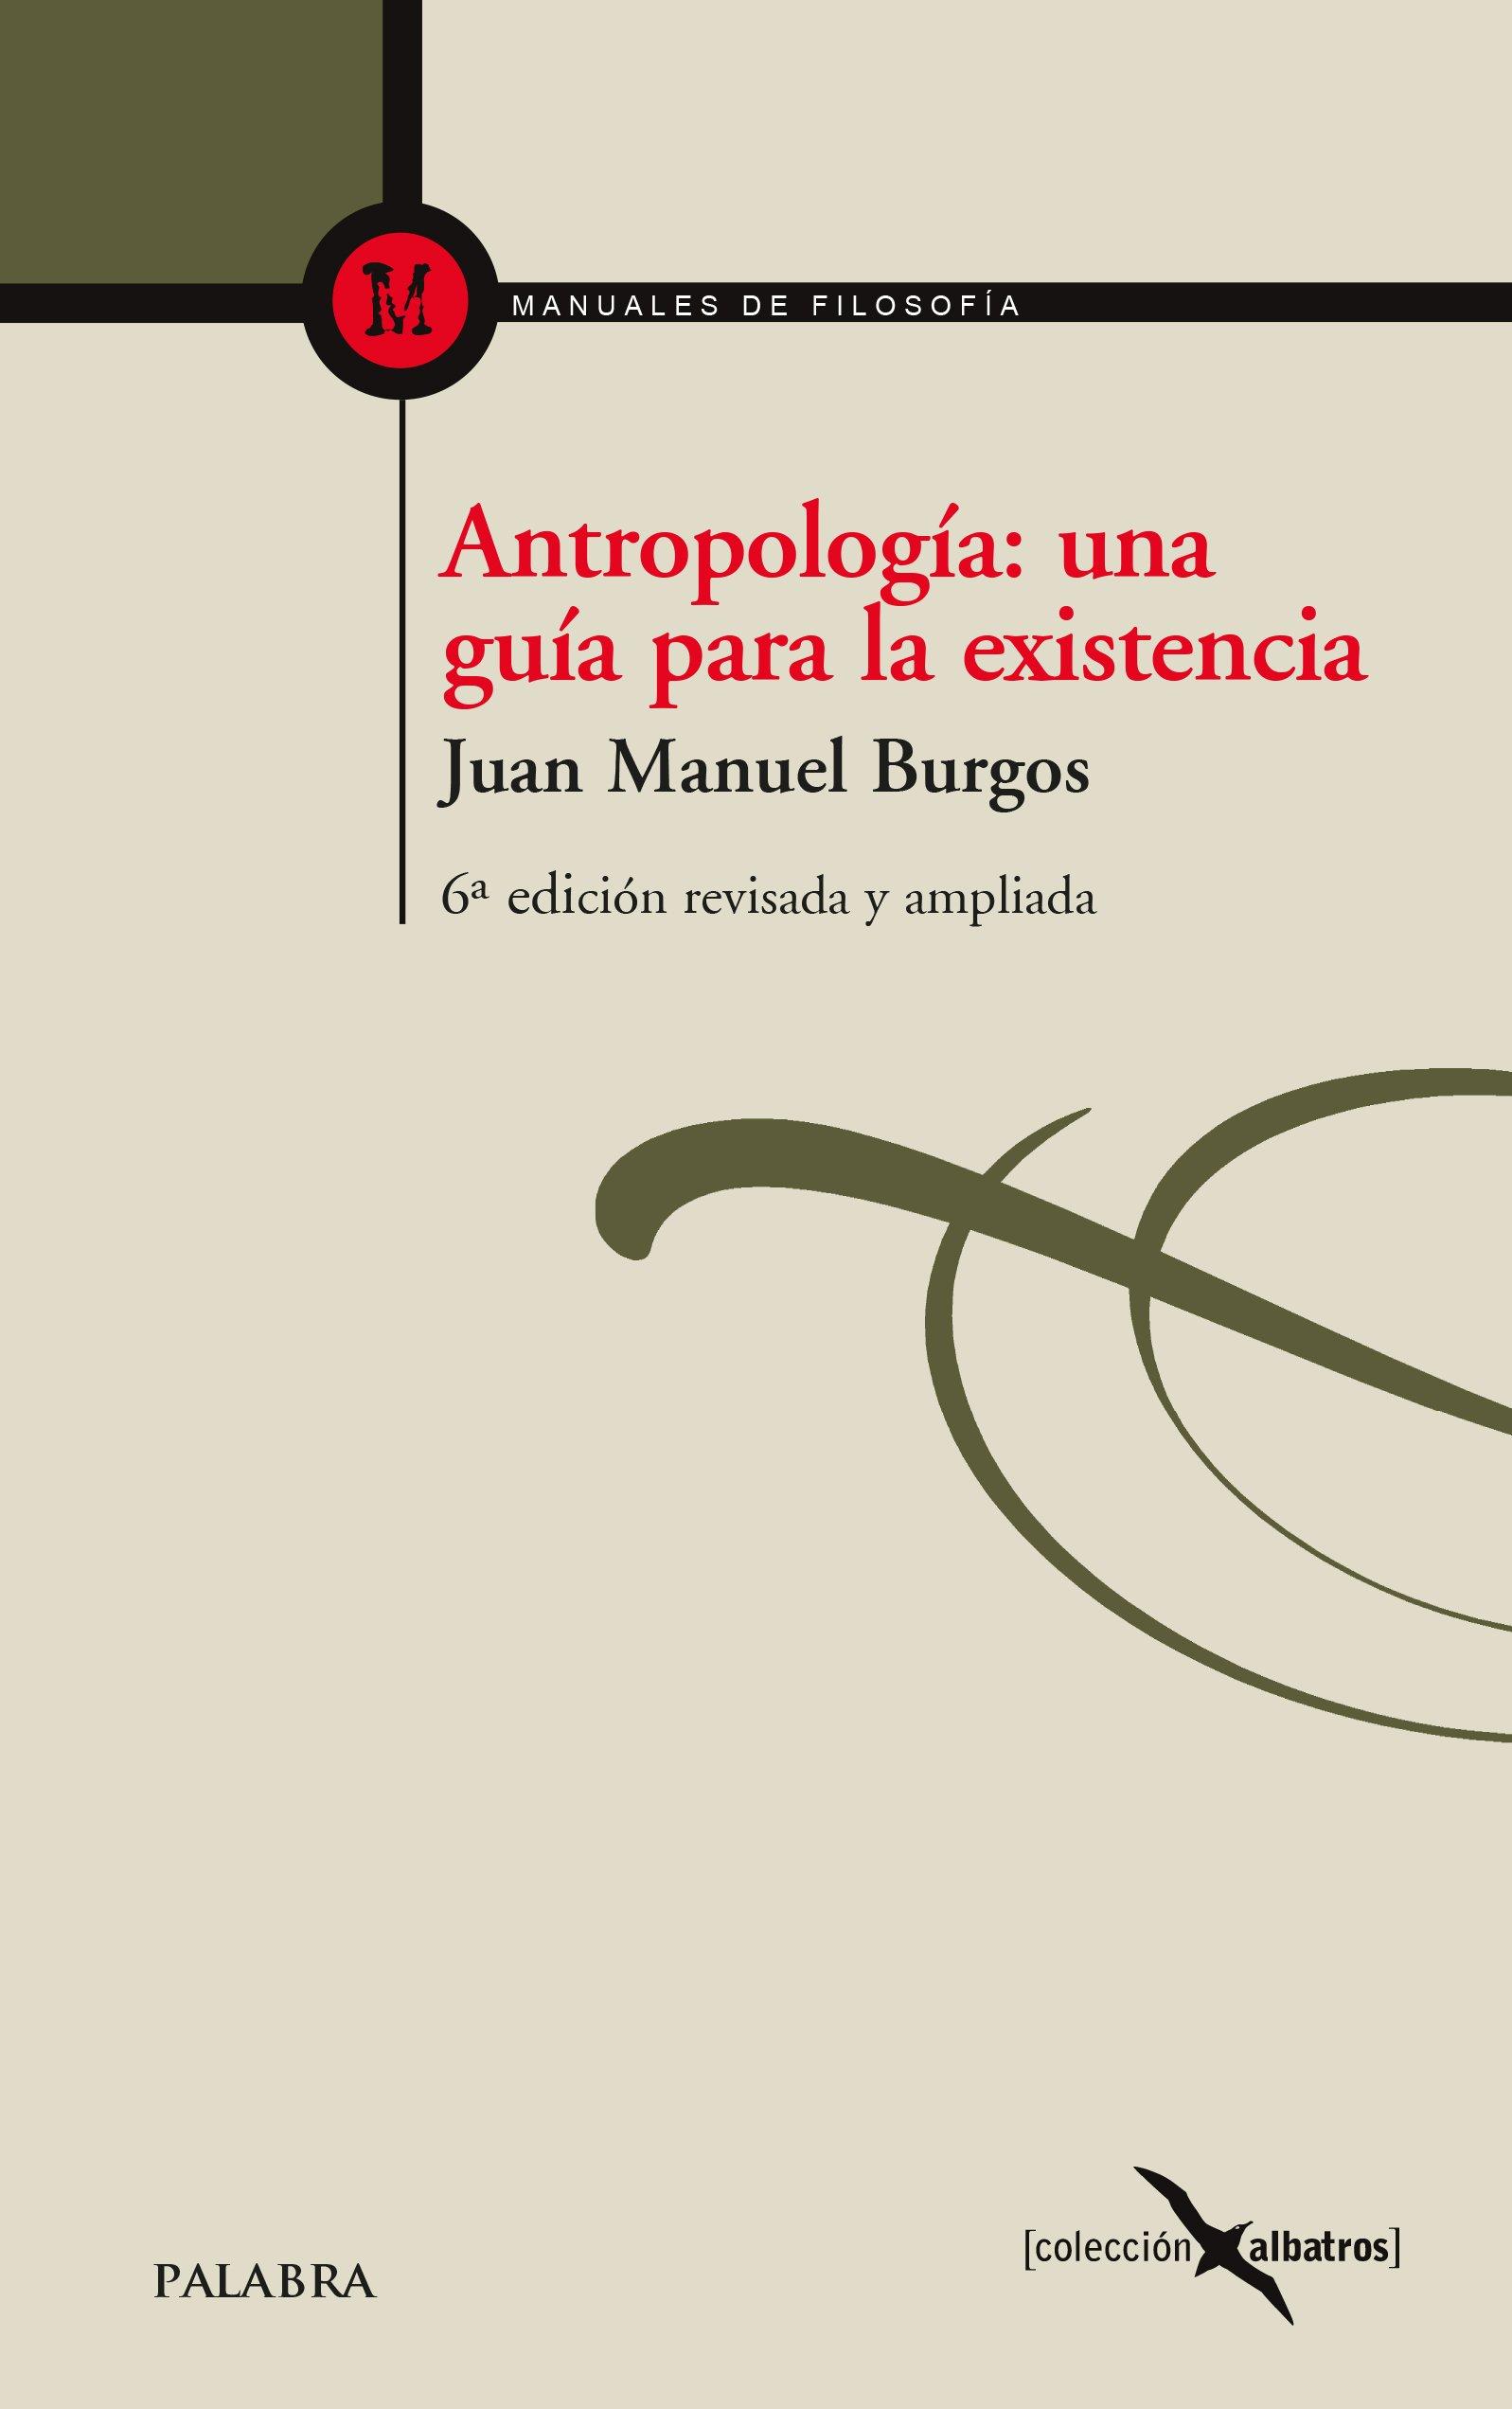 Antropología: una guía para la existencia (Albatros nº 7) Tapa blanda – 2 oct 2017 Juan Manuel Burgos Ediciones Palabra S.A. 8490615489